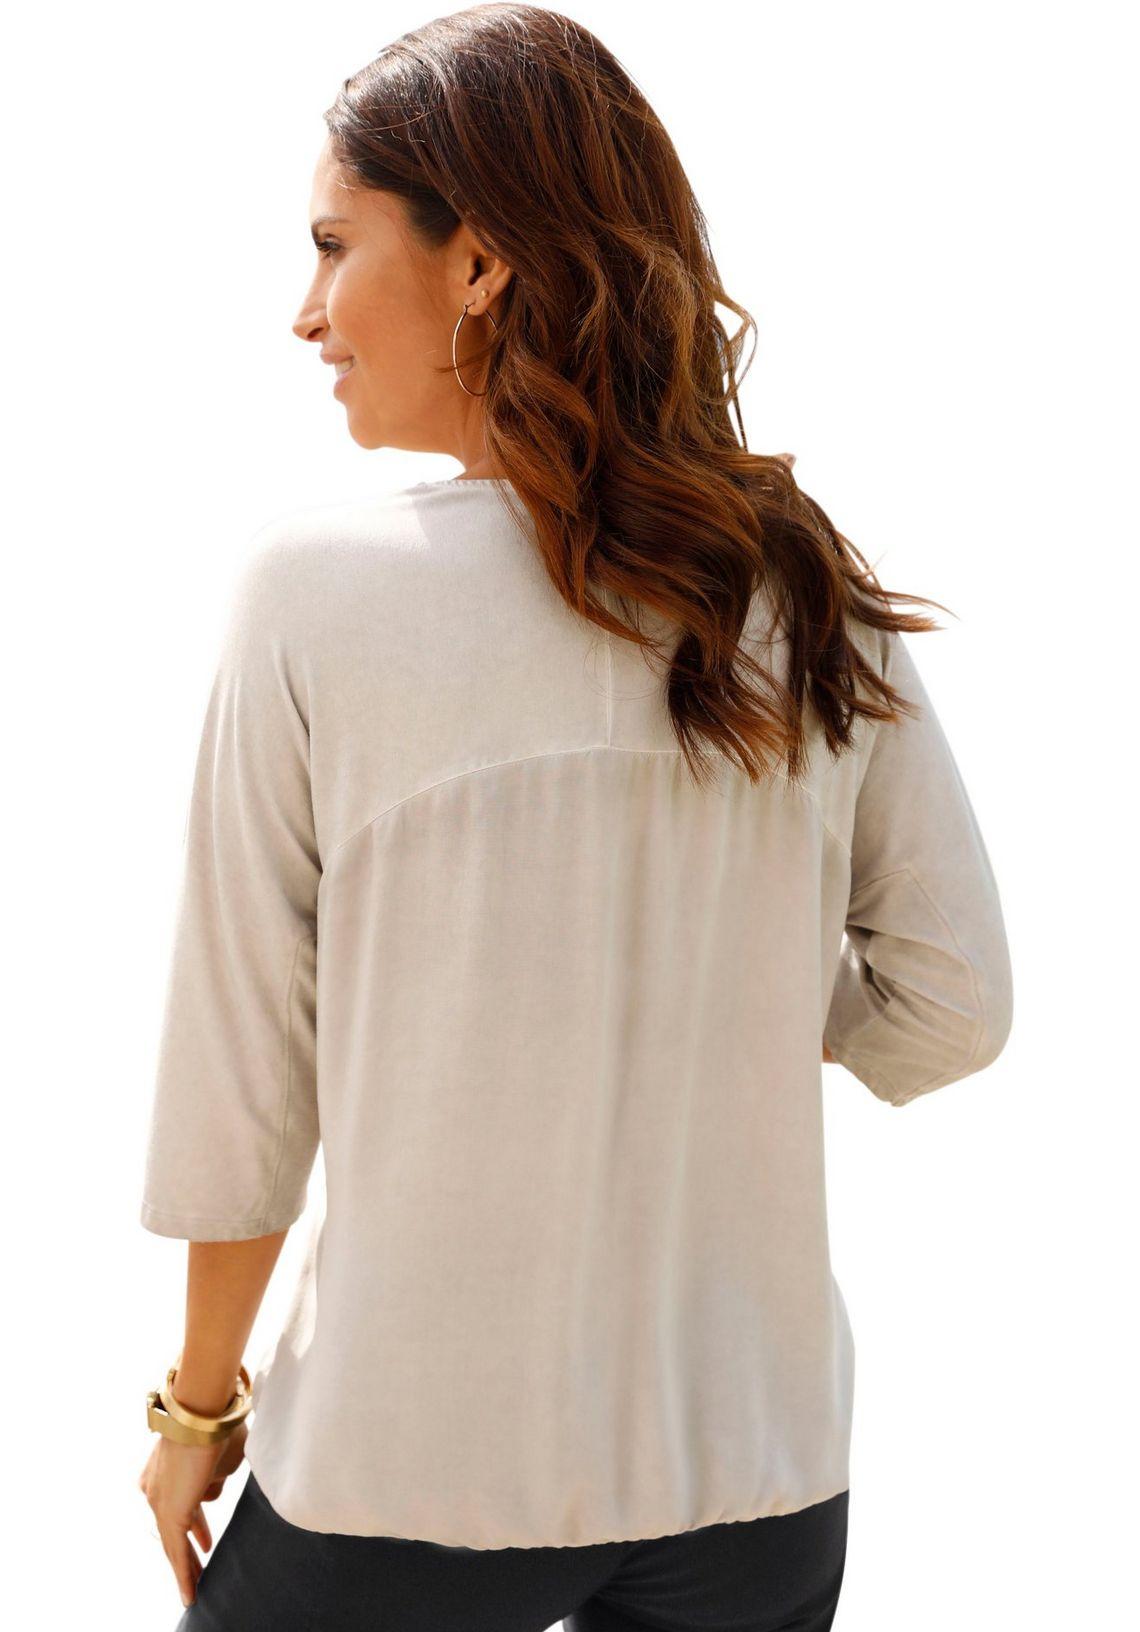 Classic Inspirationen Shirtblouse Met Fonkelende Glinstersteentjes En Goudkleurige Folieprint Snel Gevonden Beige/zwart Gedessineerd 8hjzSyAu